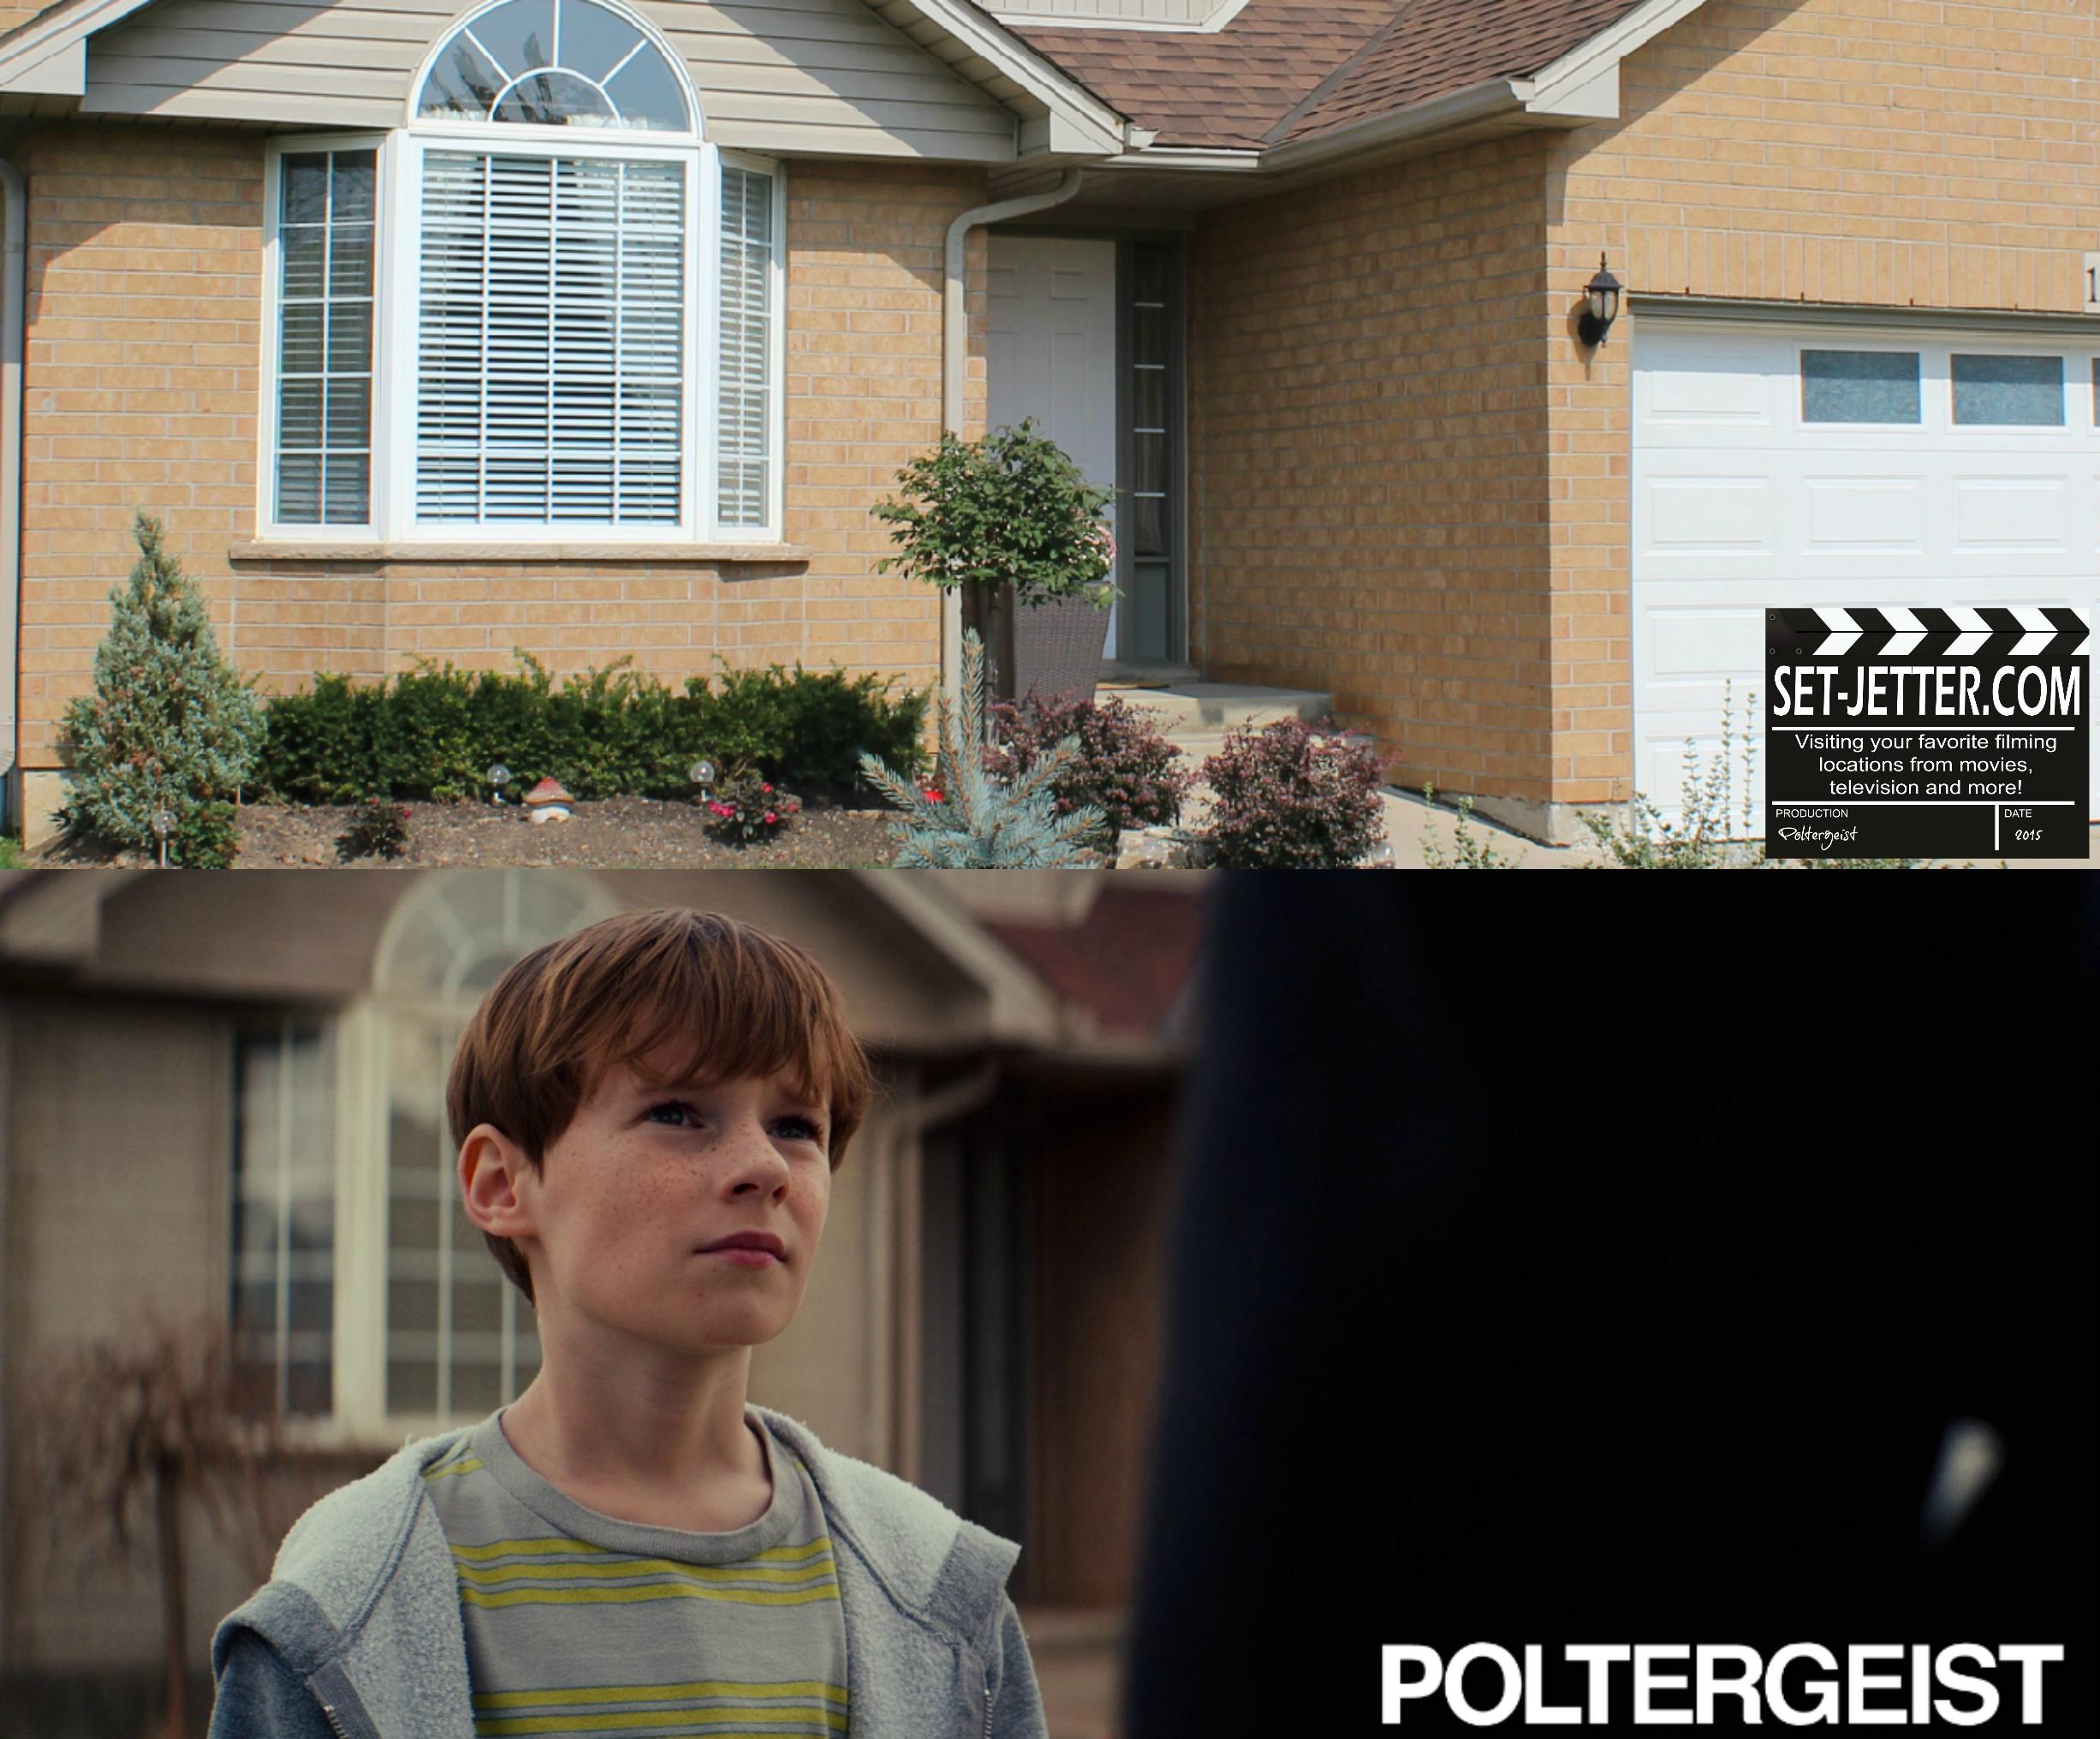 Poltergeist comparison 96.jpg